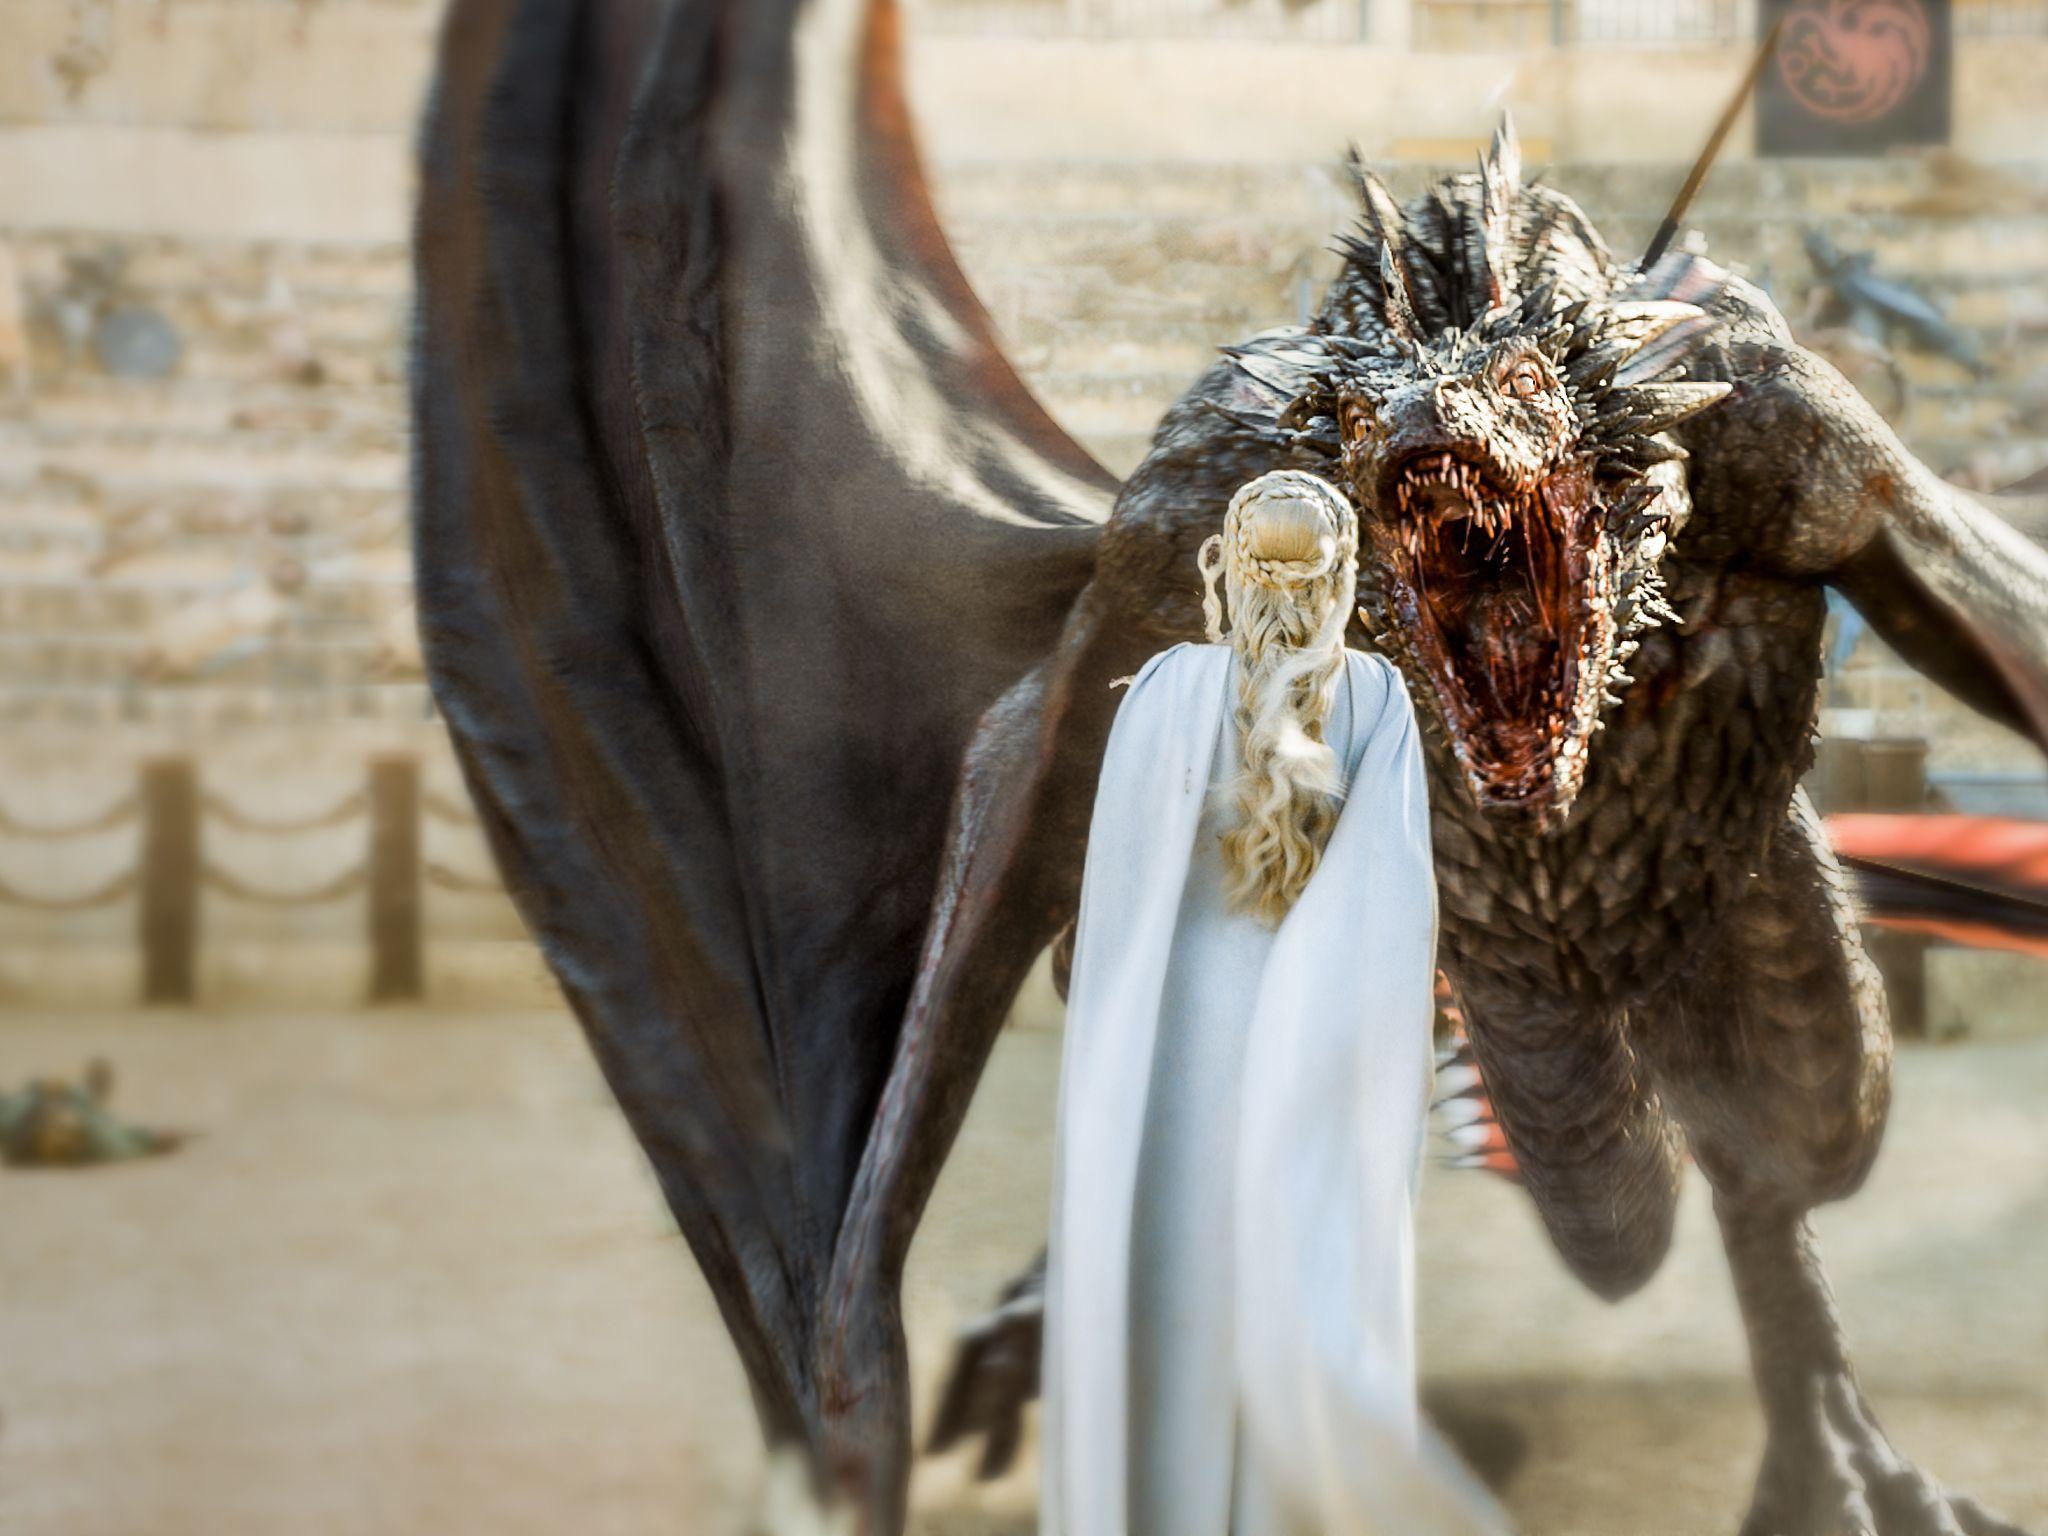 game of thrones viewers season 5